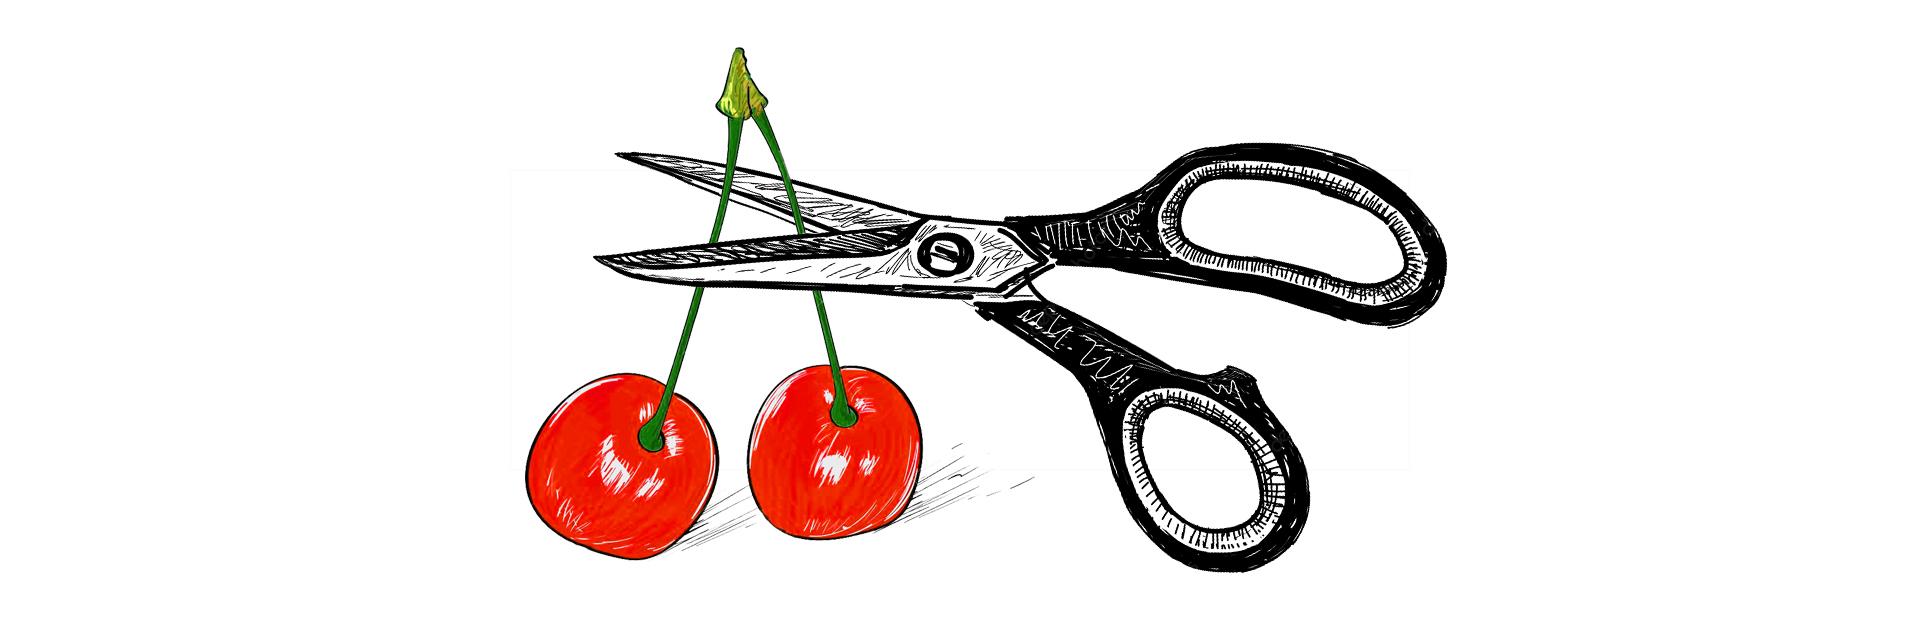 Orchidektomia - czereśnie i nożyczki